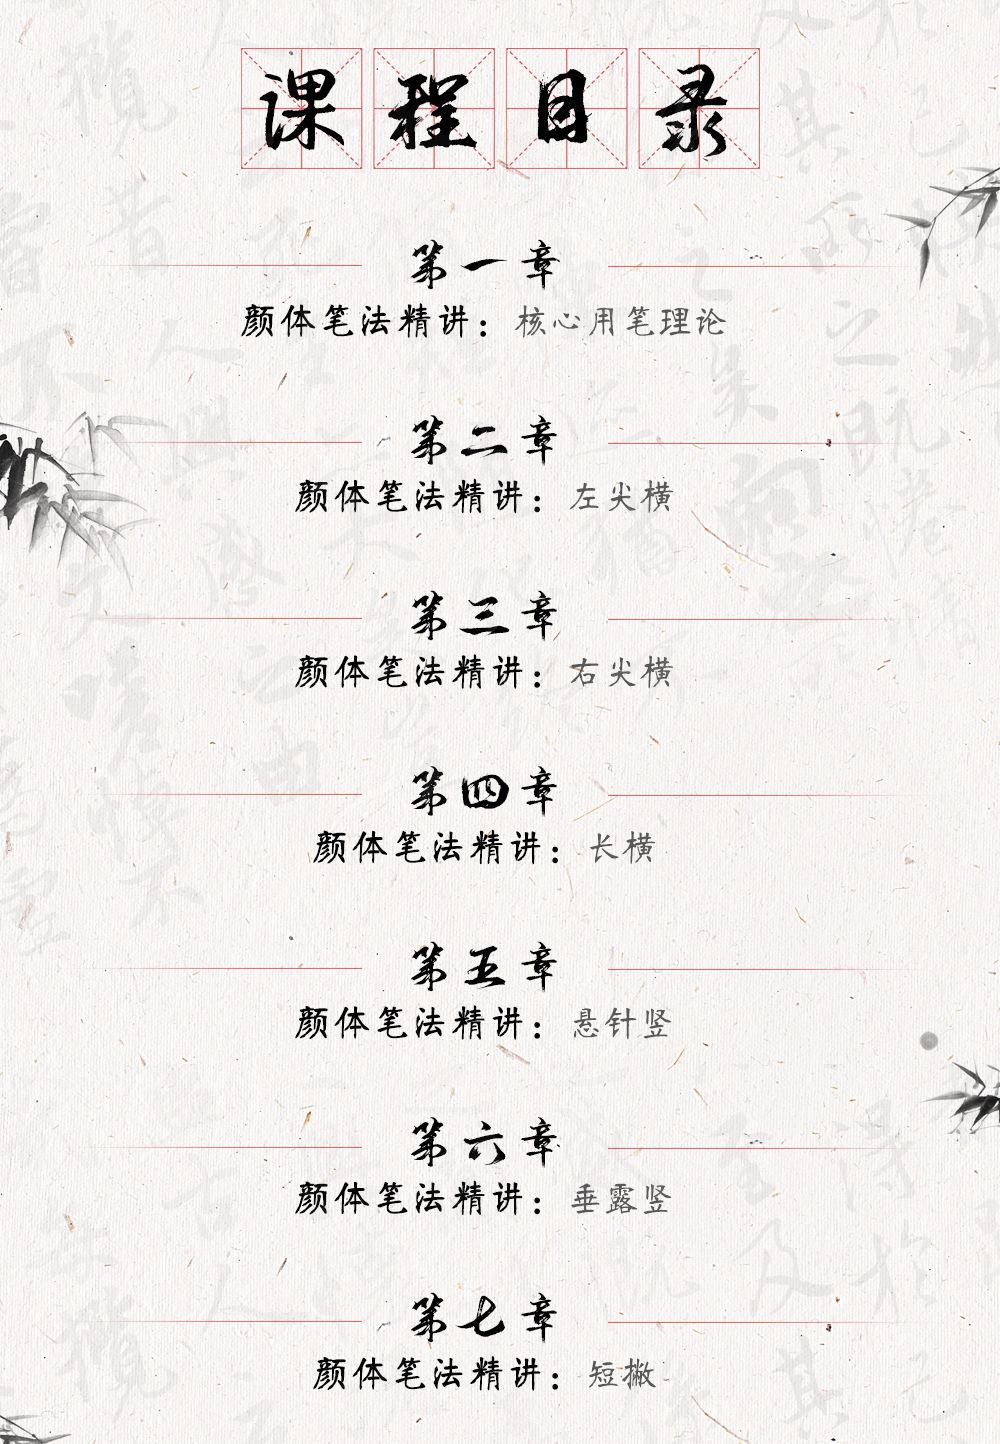 蜂蜜浏览器_毛笔楷书(颜真卿)详情页_04